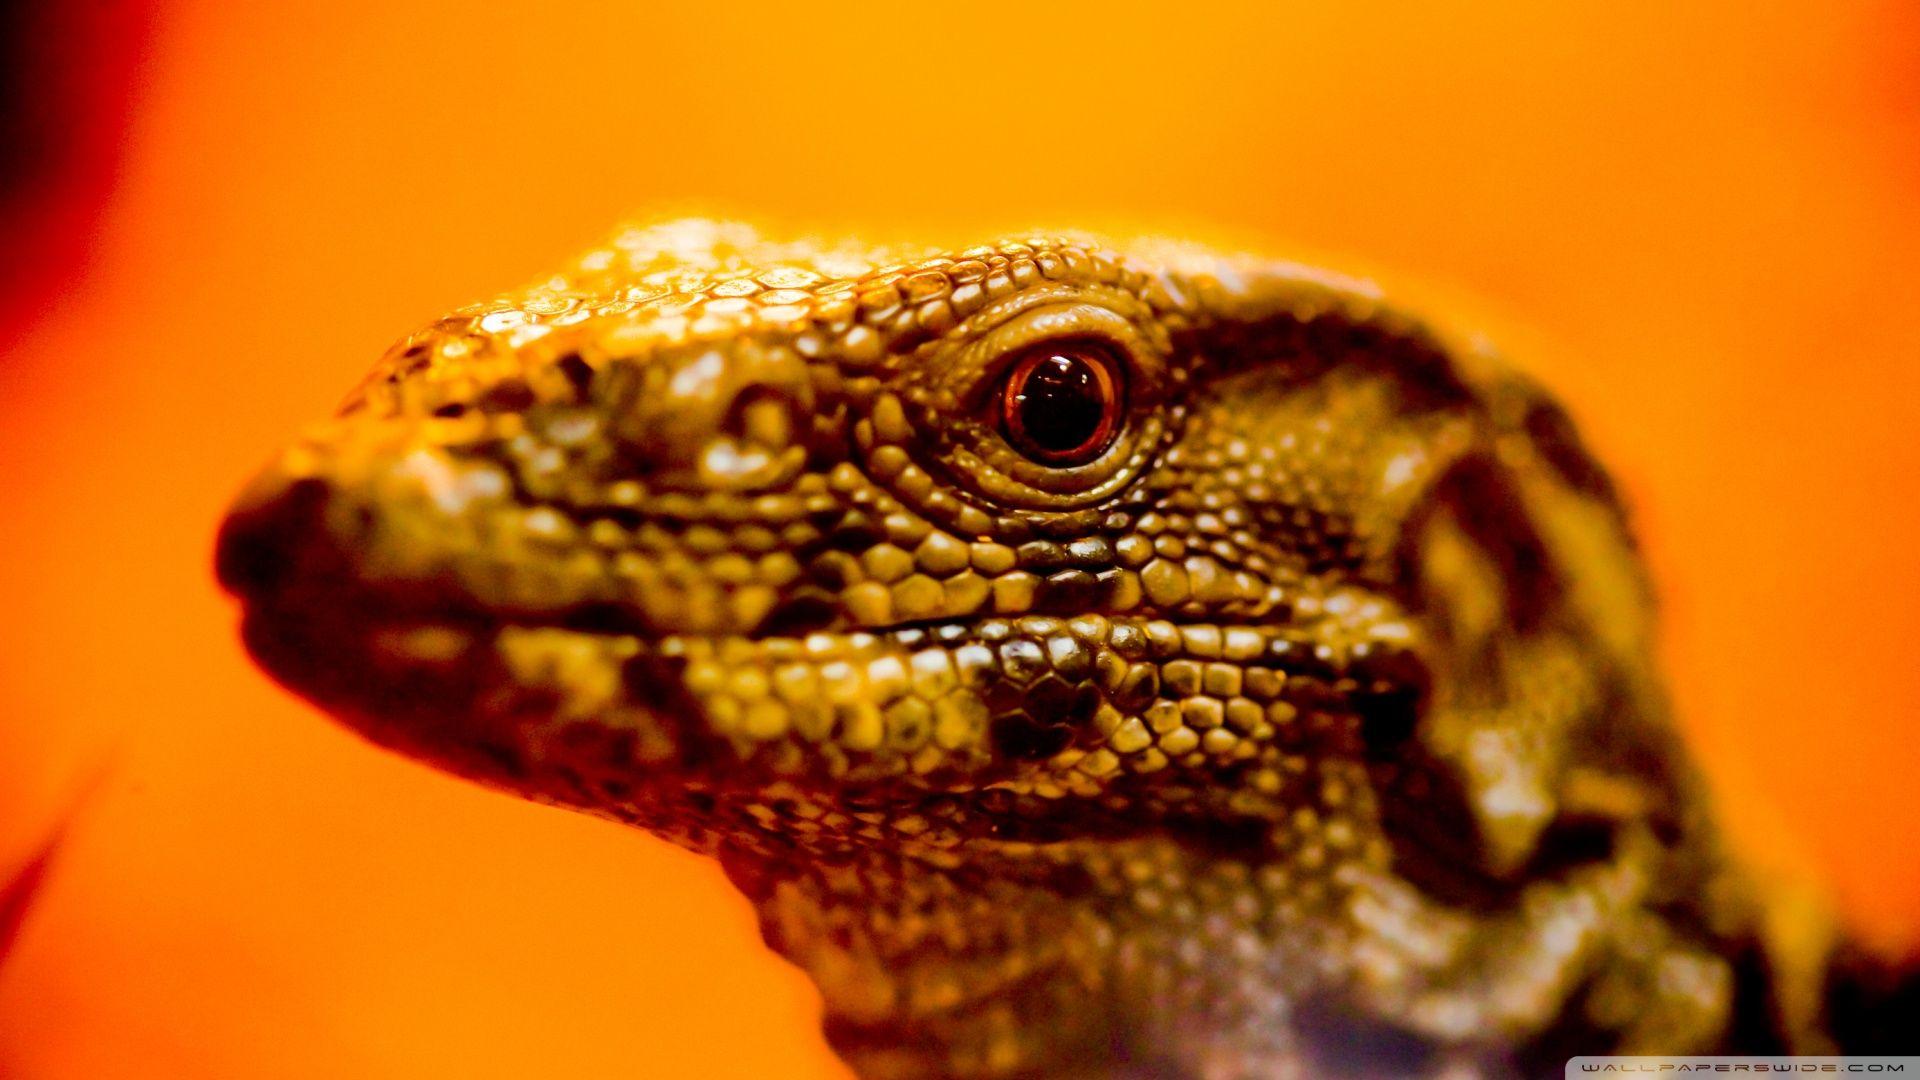 Wallpaper Reptiles